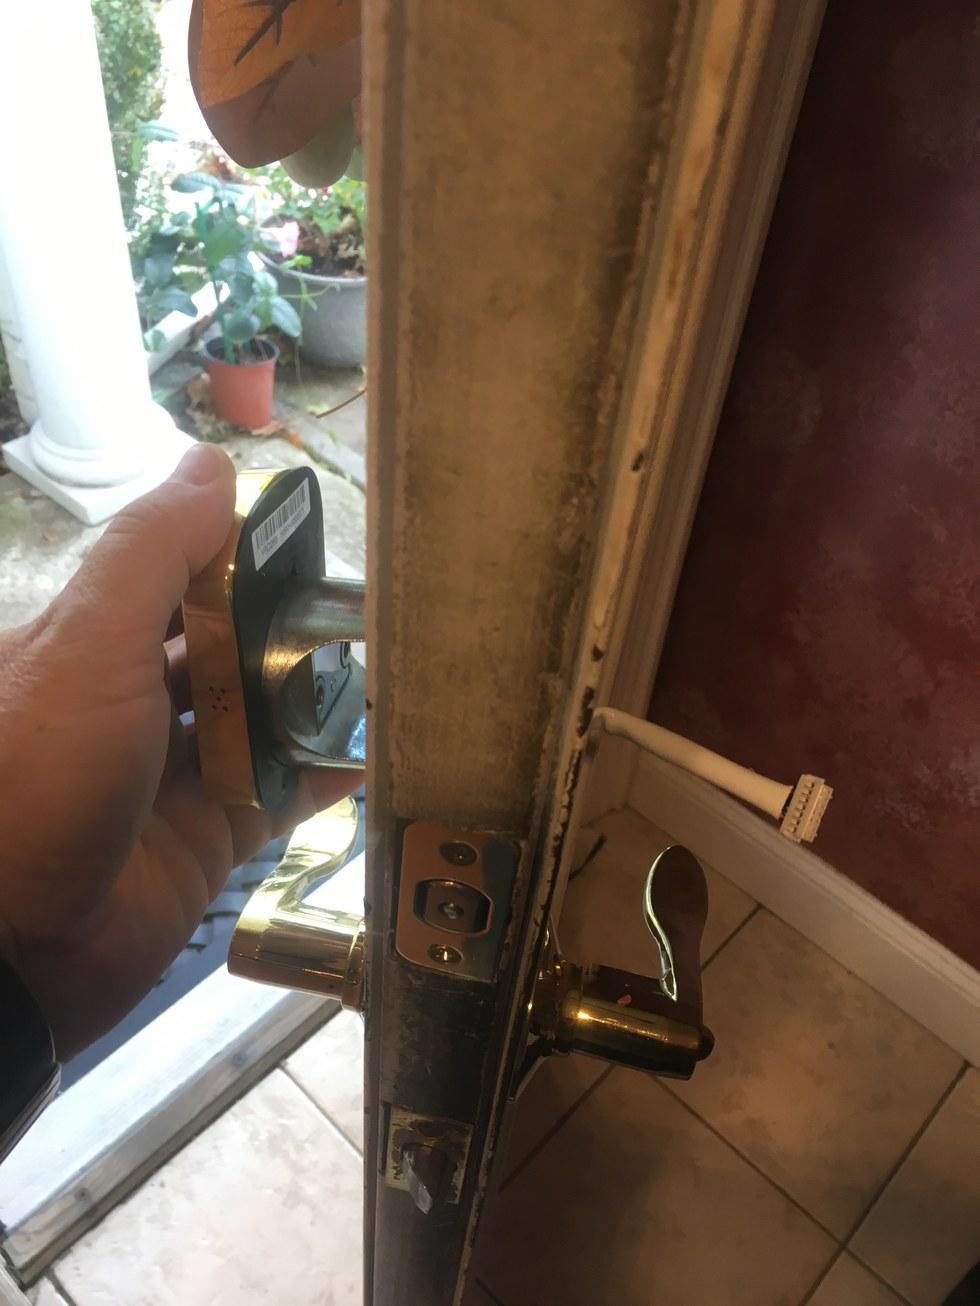 Attach Touchscreen to Frontside of Door.